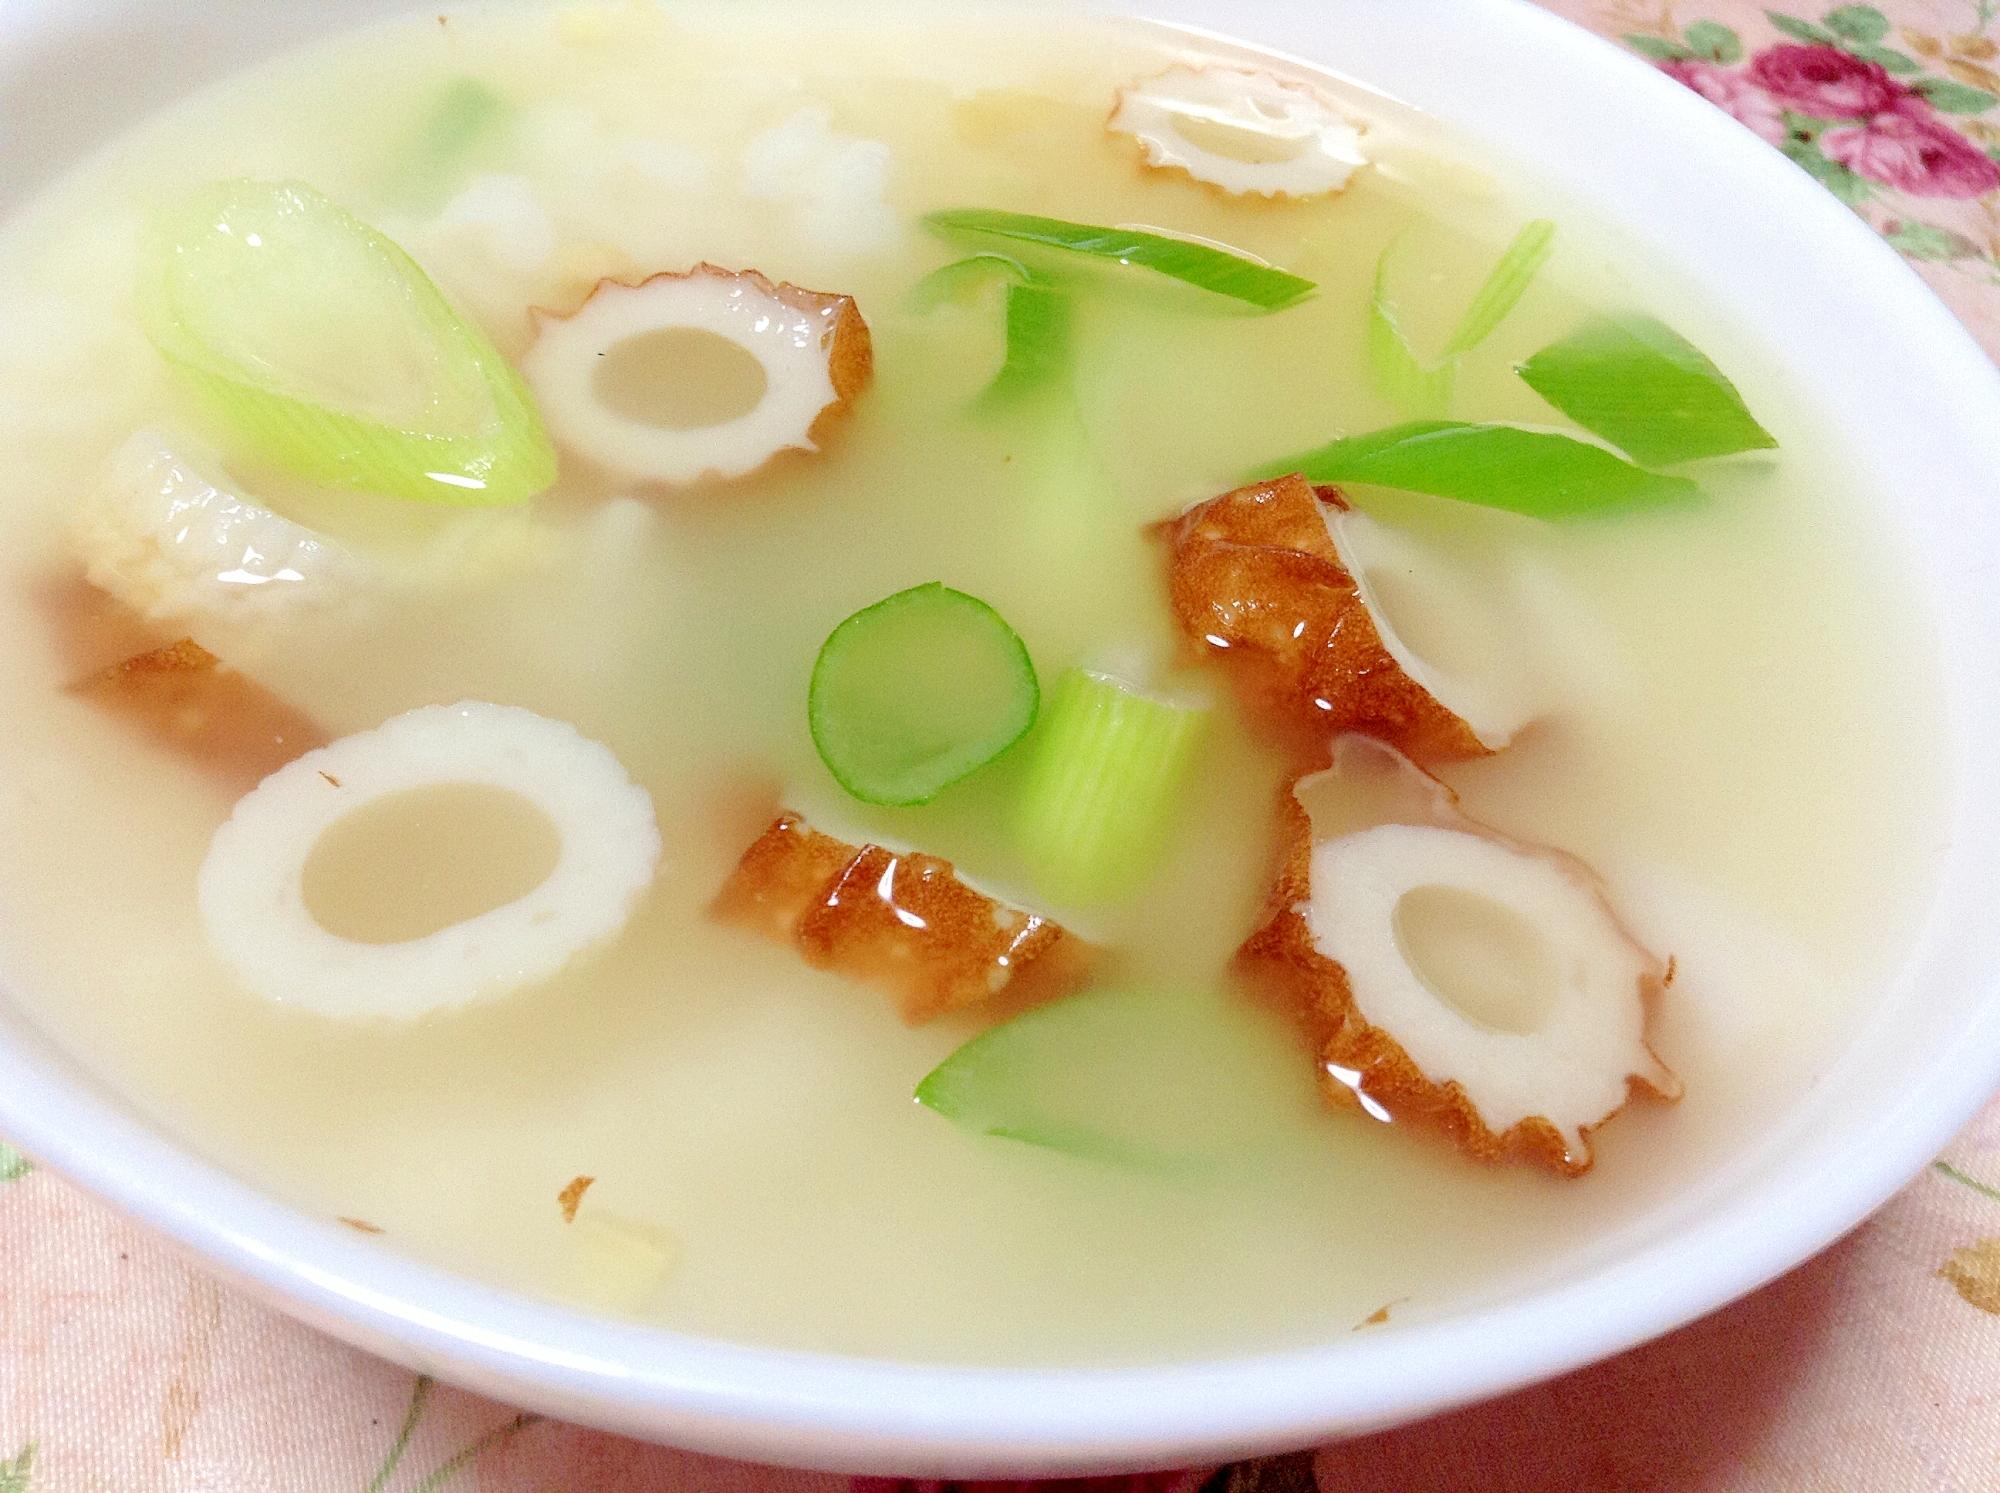 お夜食に♪刻み生姜と竹輪と葱のお粥さん